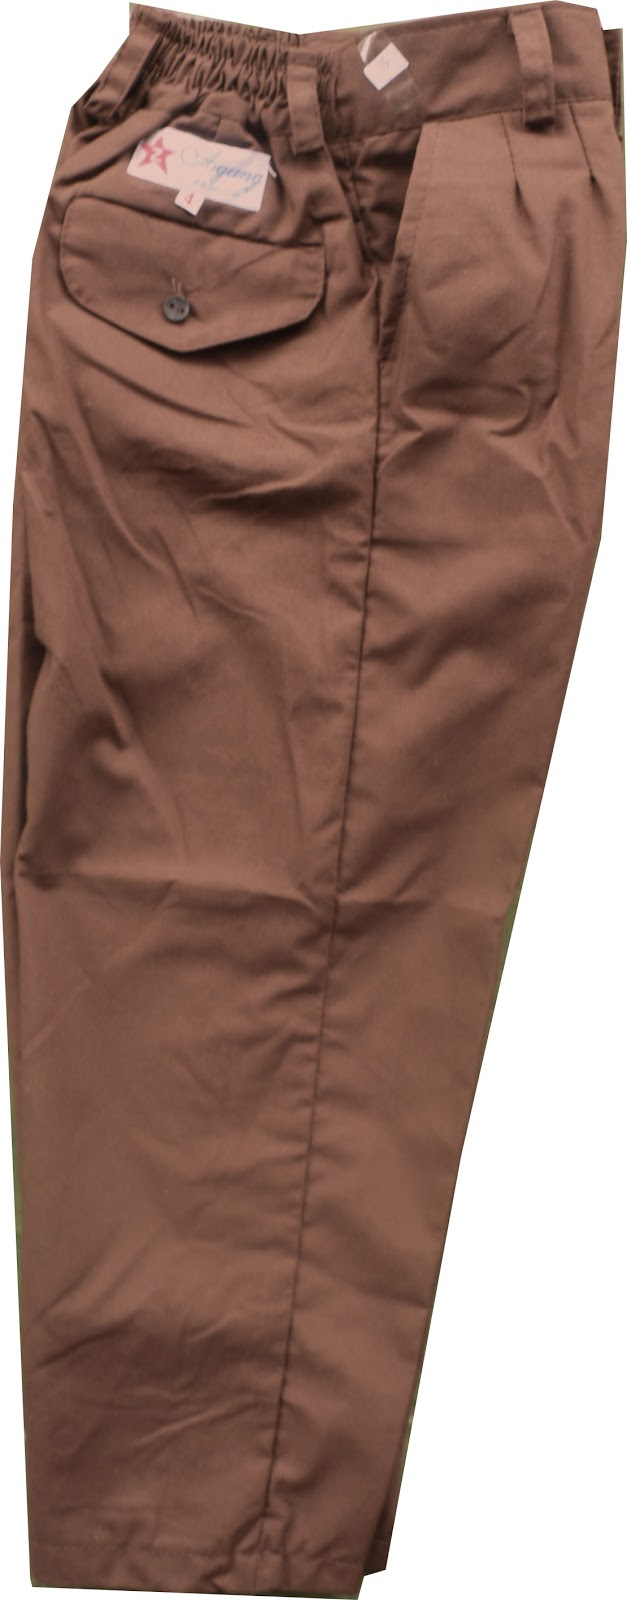 Celana Pramuka Panjang SD uk 4,5